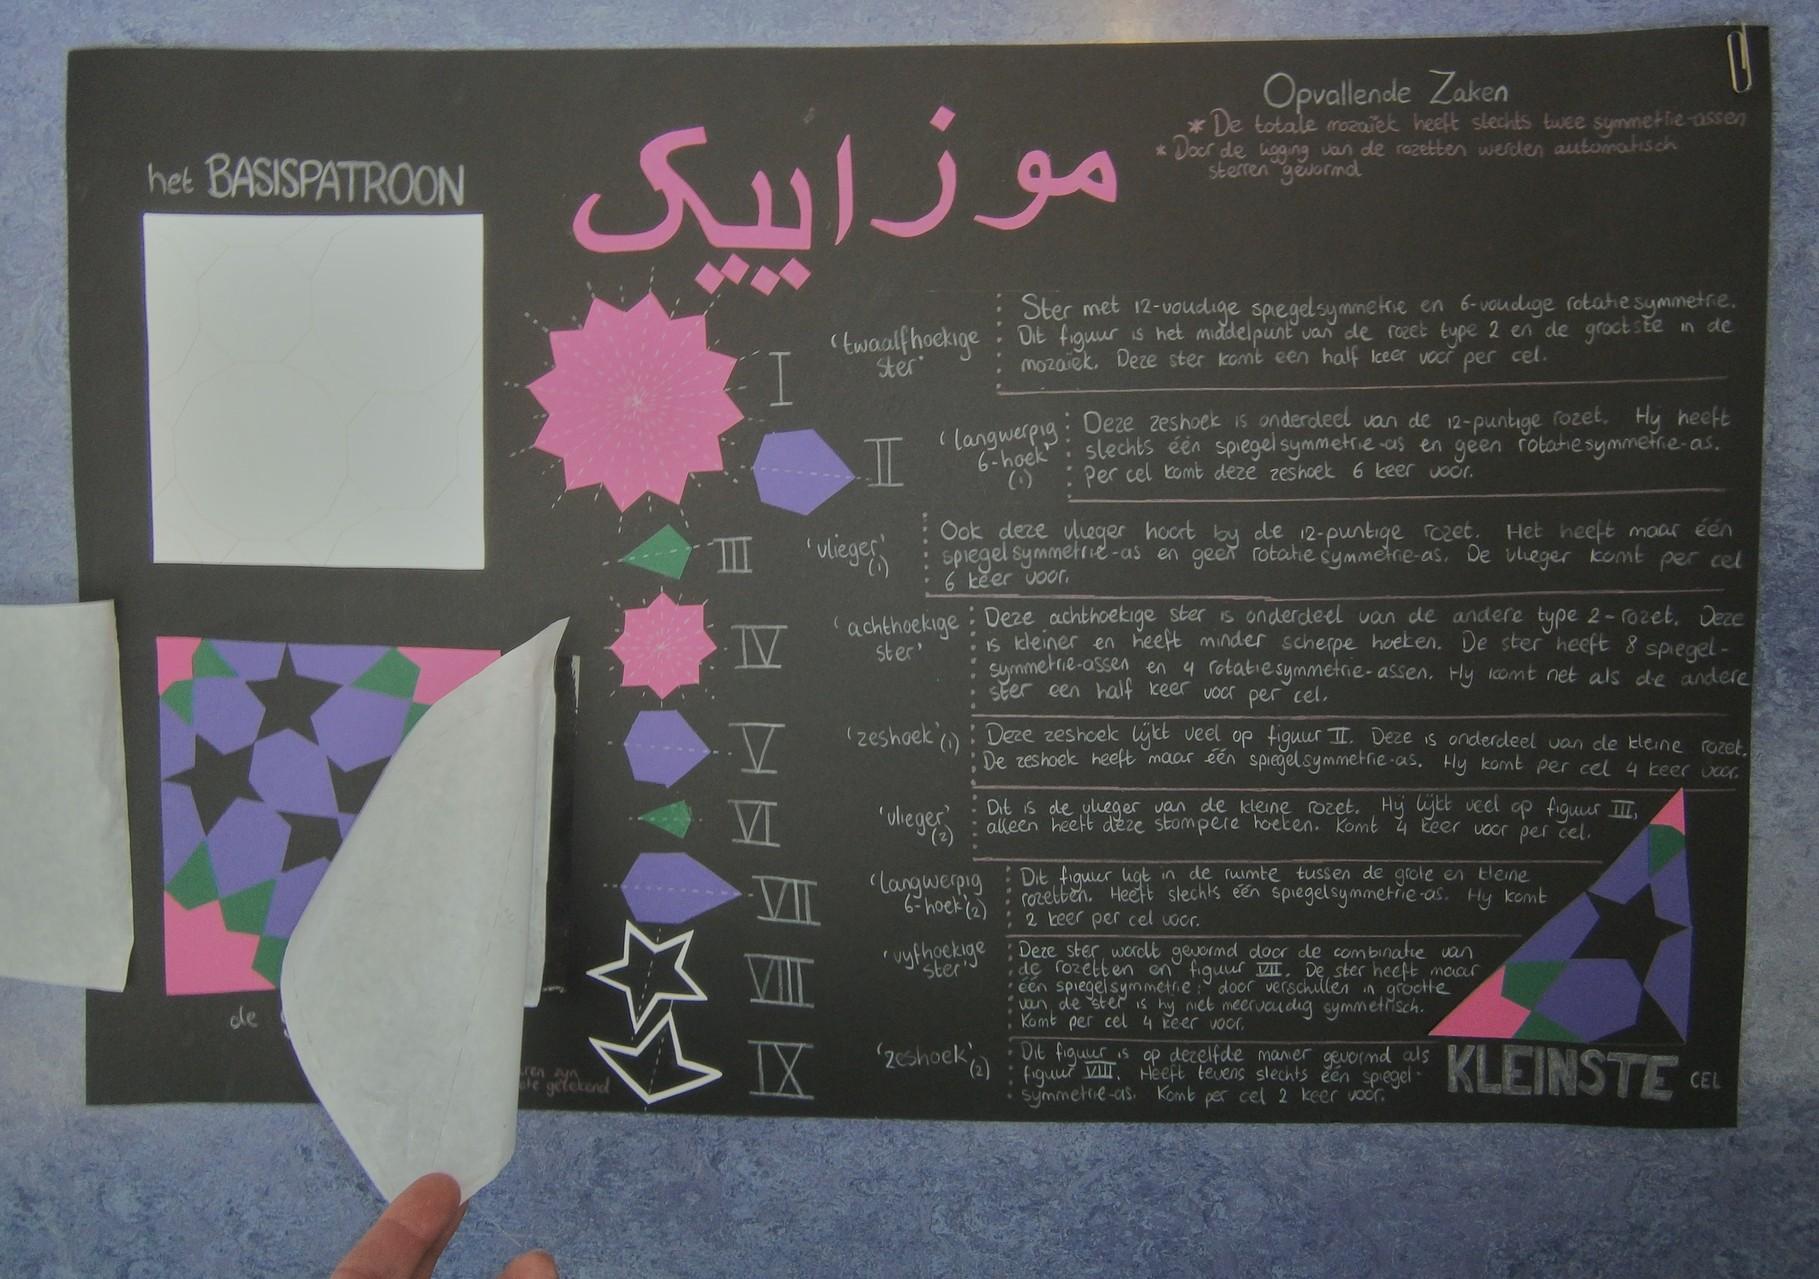 Deze poster heeft de titel 'Mozaïek' (fonetisch in Arabisch schrift) en bespreekt dit . . .